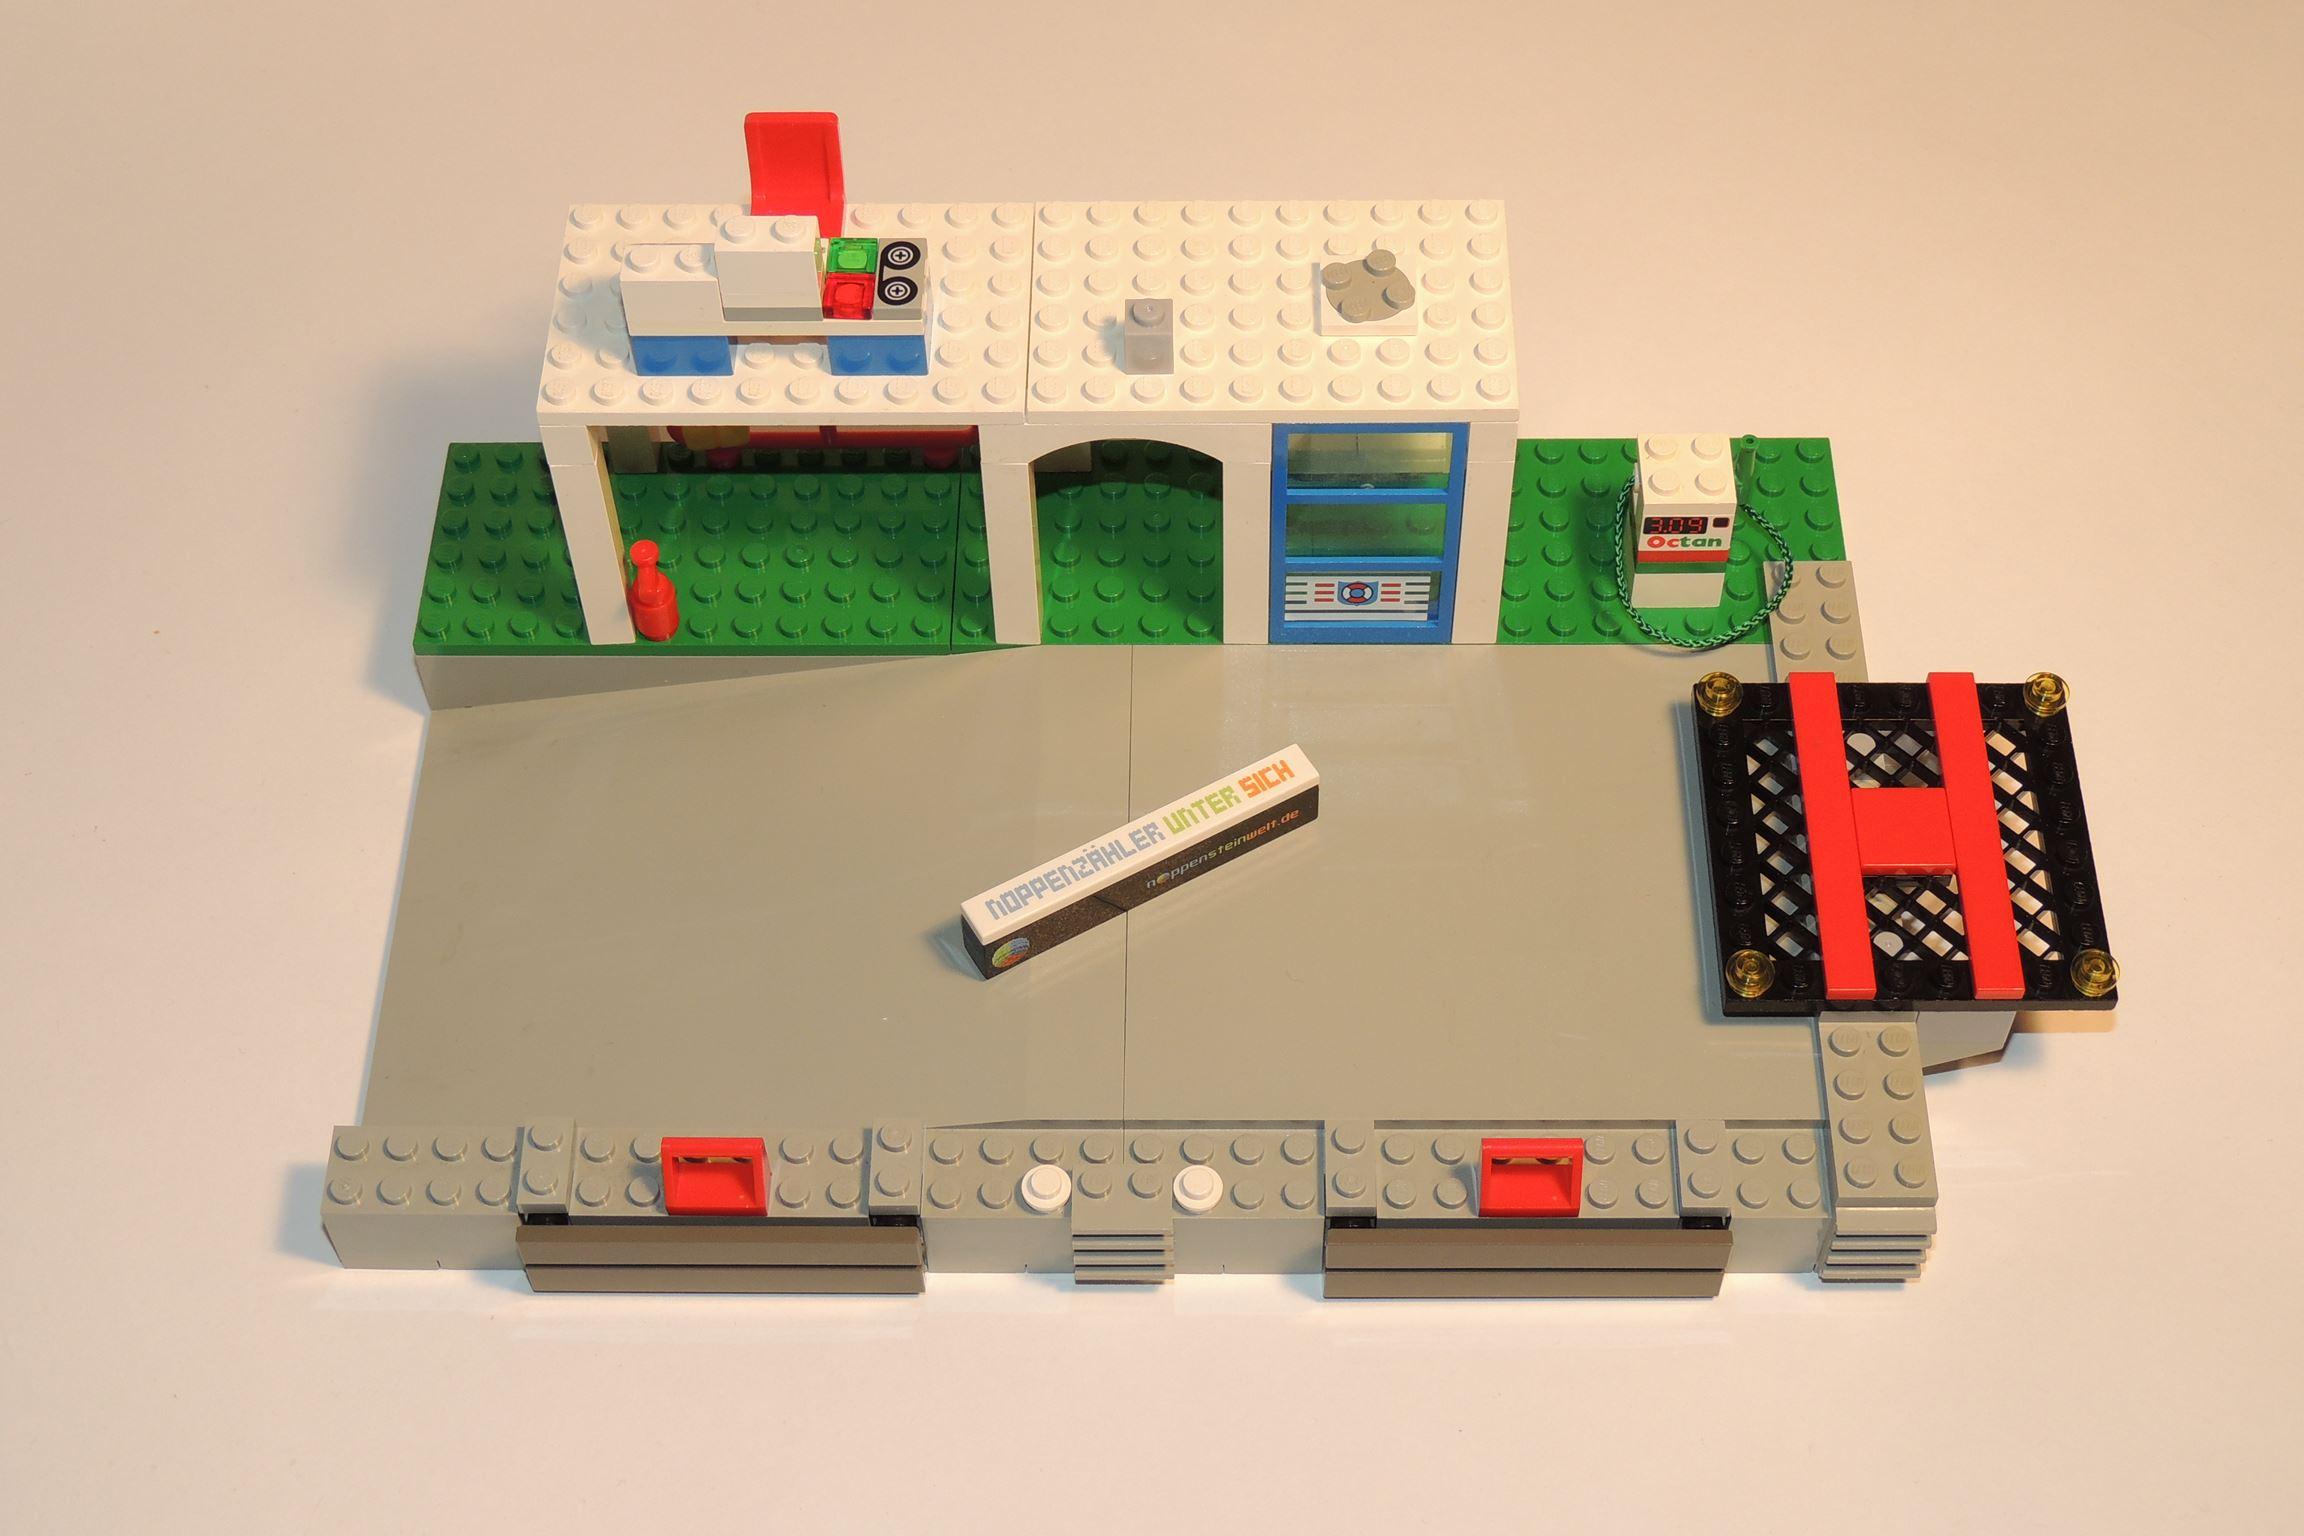 Viermal 1×1 Roundplates in Transgelb von Gobricks, viele Gebäudeteile in Weiß von Steinchenexpress (BS 12).